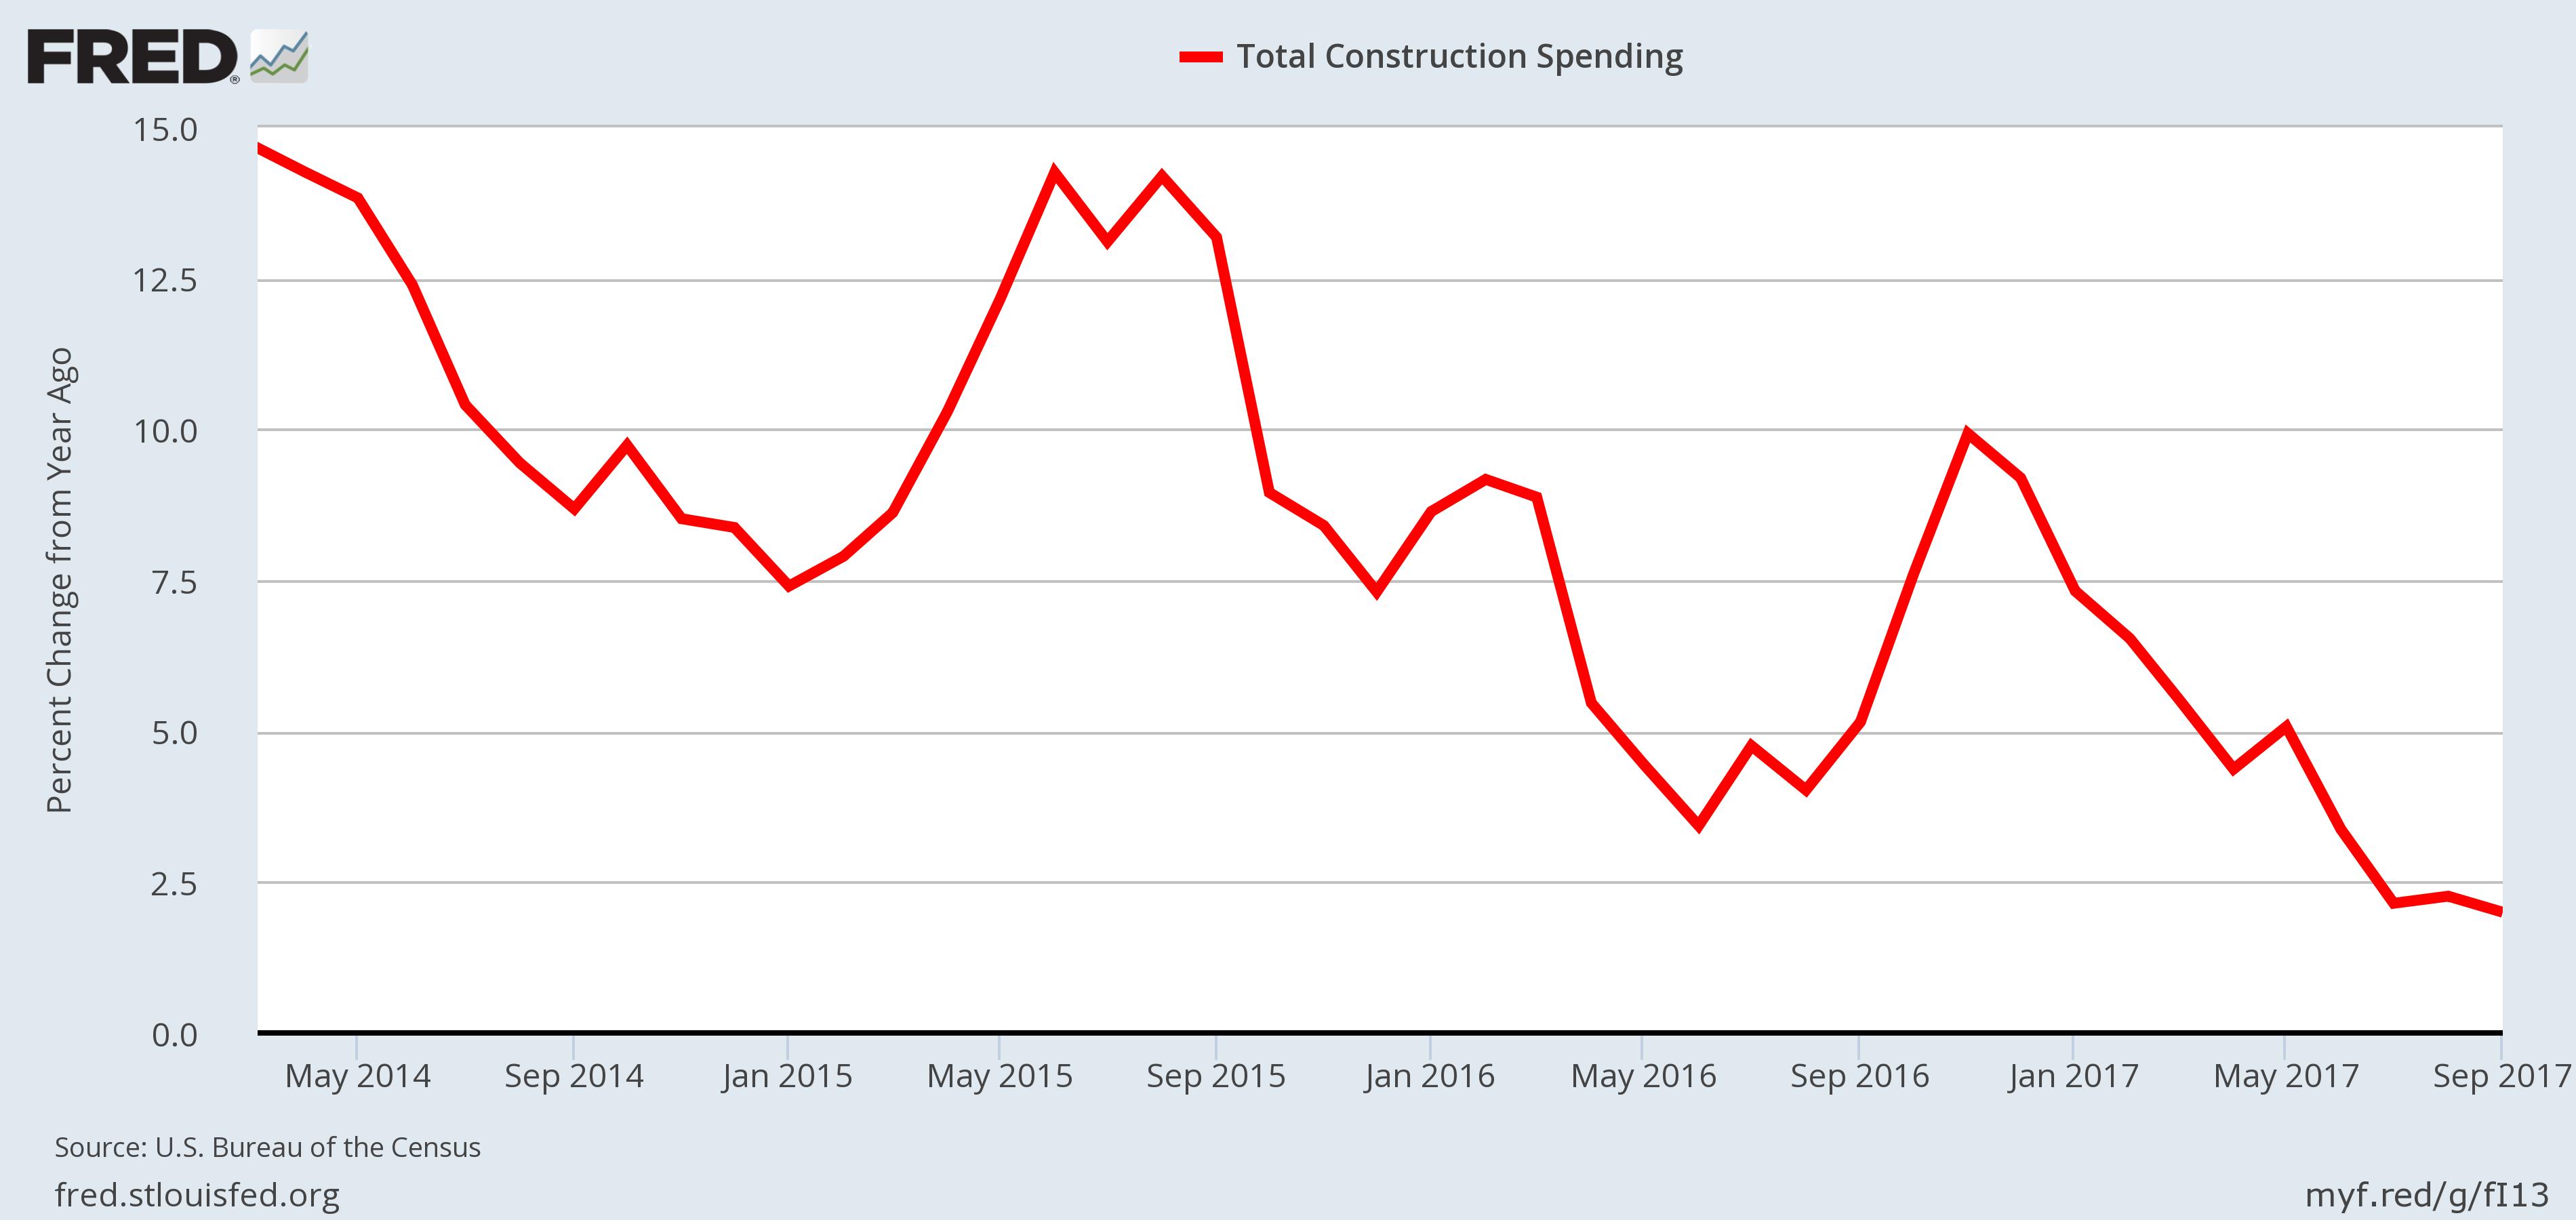 U.S. Economy - Construction Spending